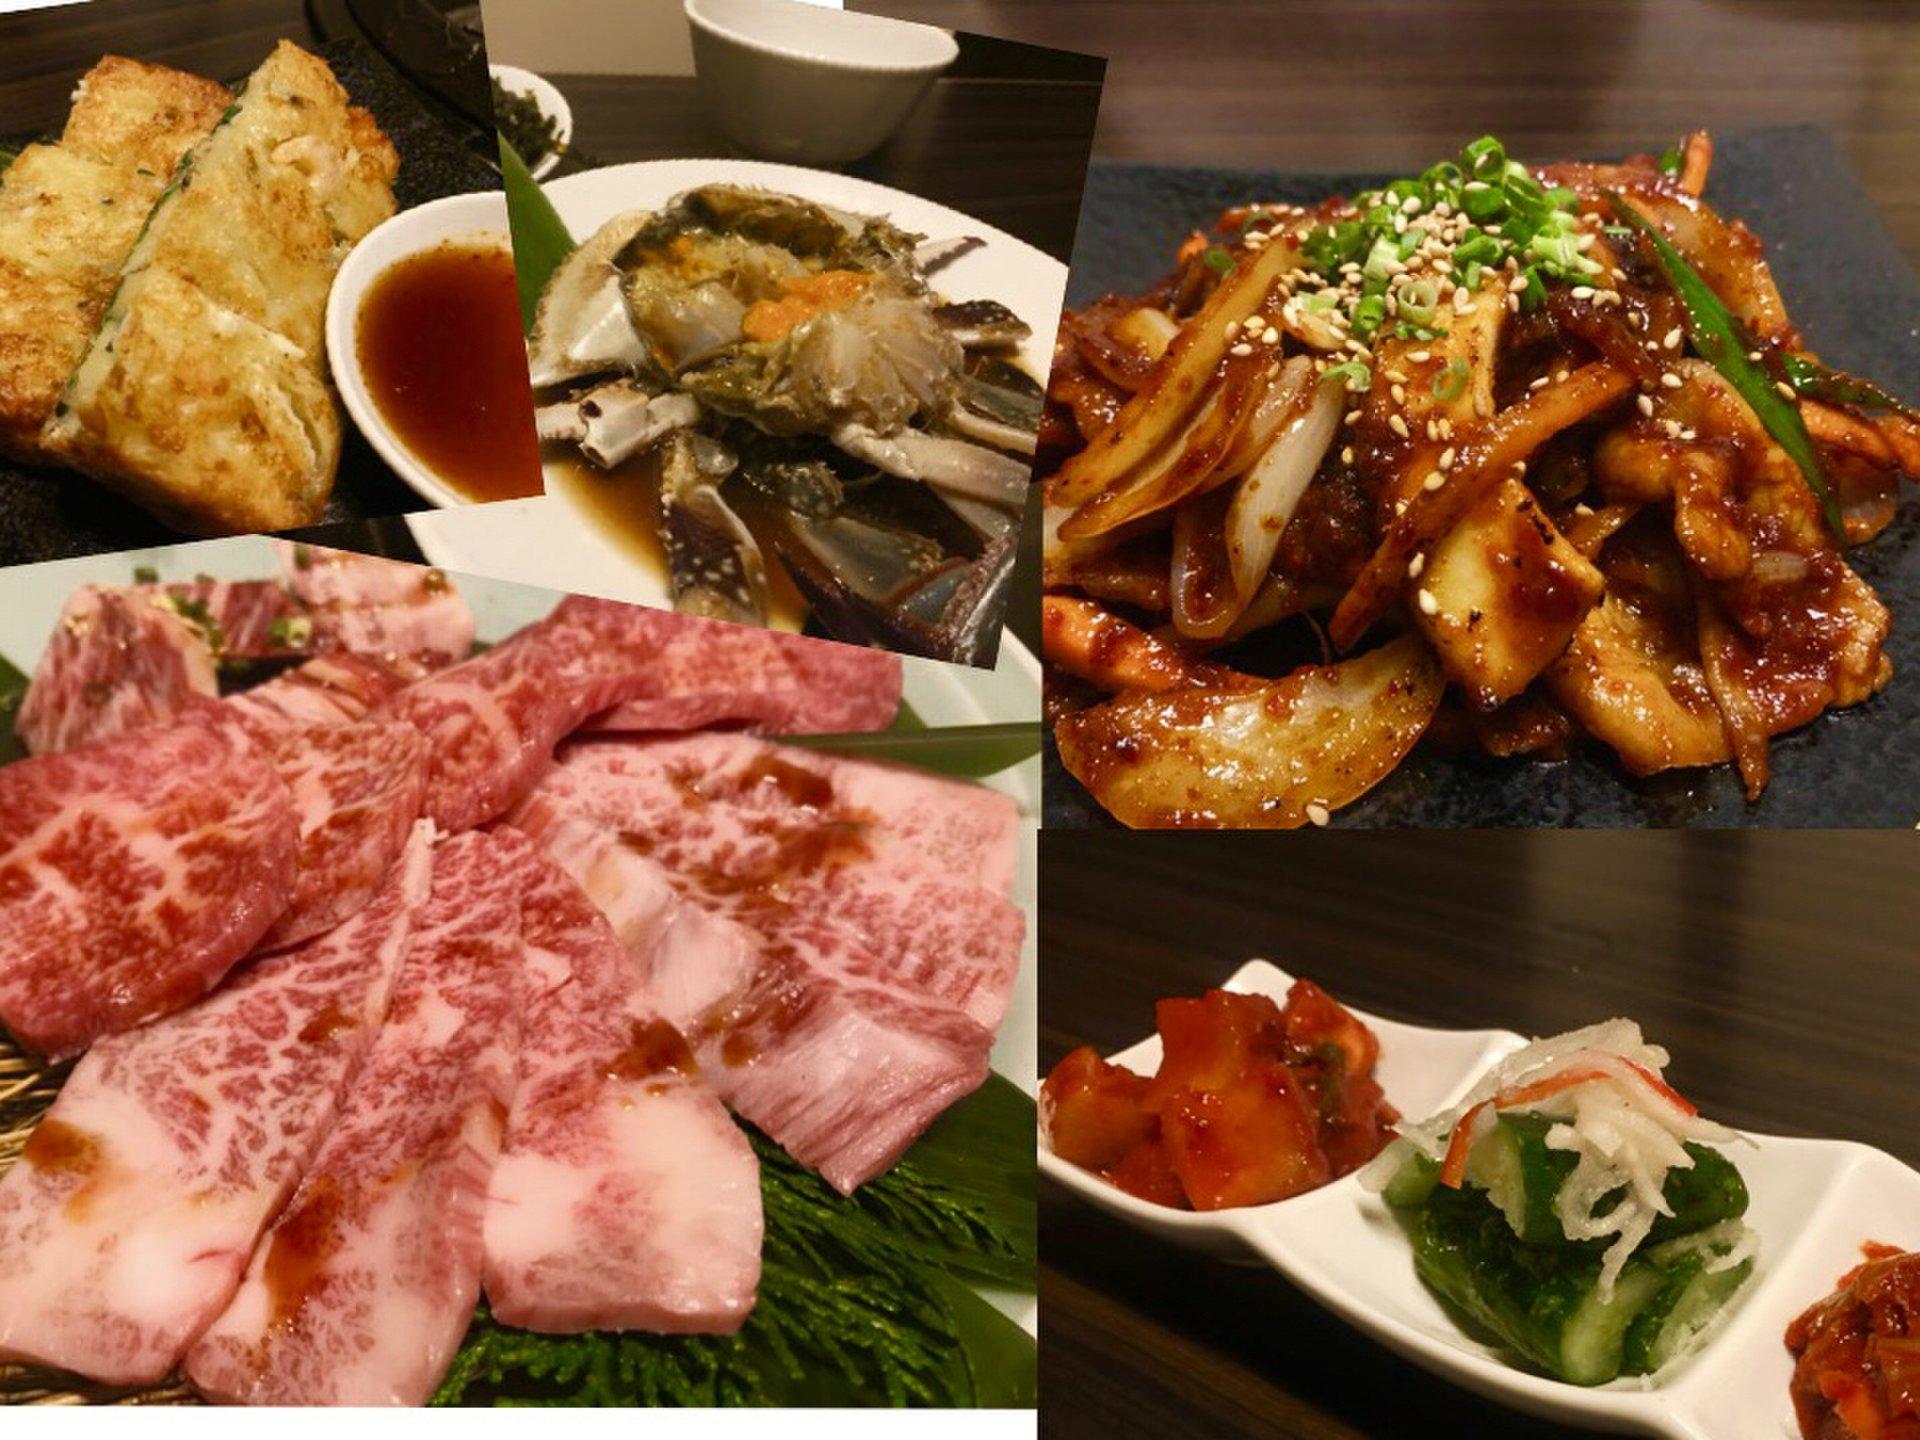 ケジャンも霜降り肉もキムチもスンドゥブも!3900円は激安。六本木おすすめ韓国料理KollaBo